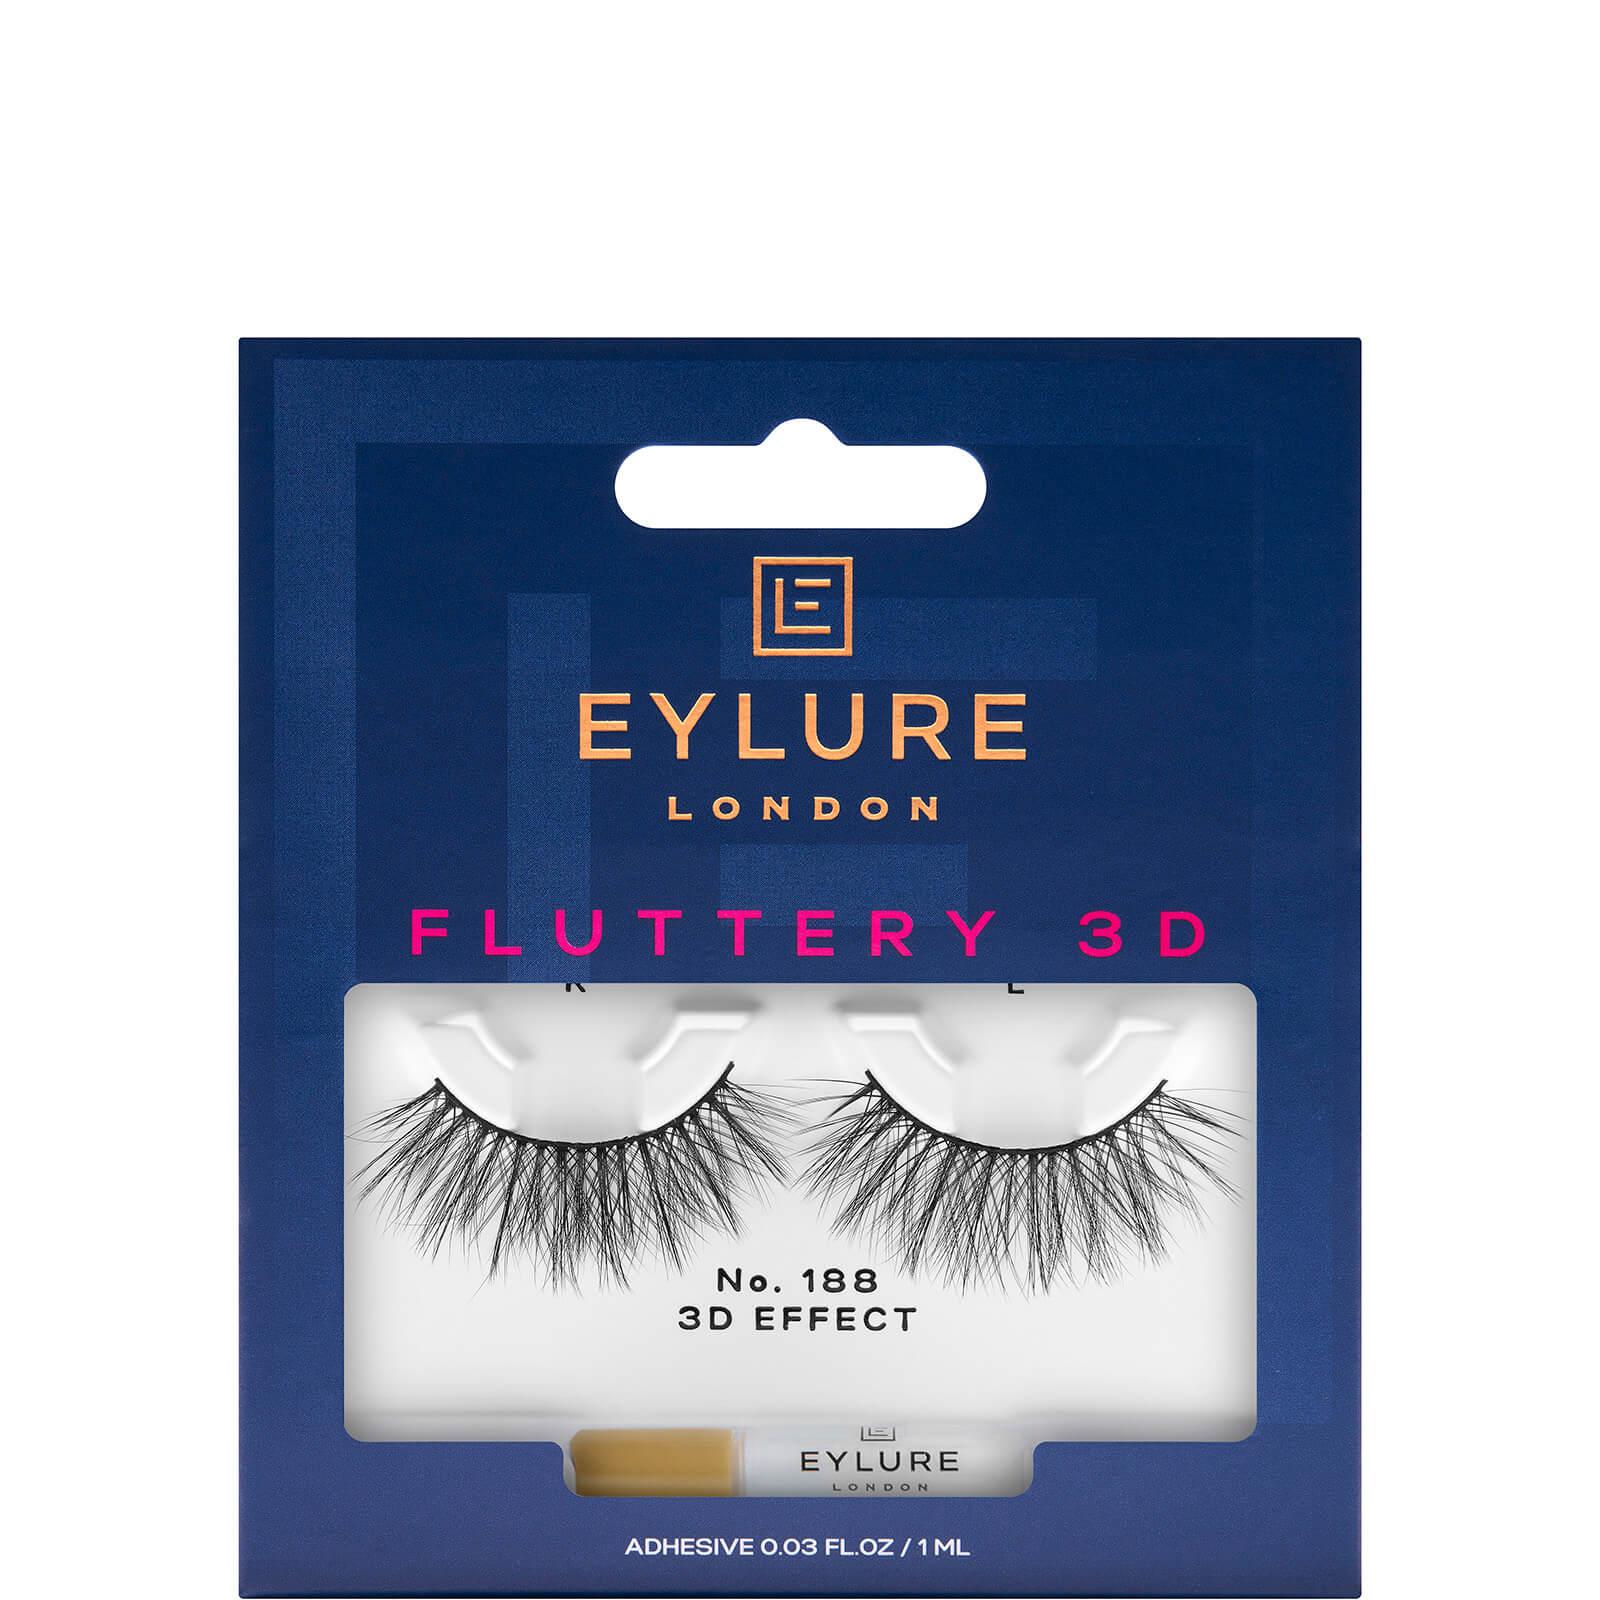 Купить Eylure Fluttery 3D (Gd) No.188 Lash